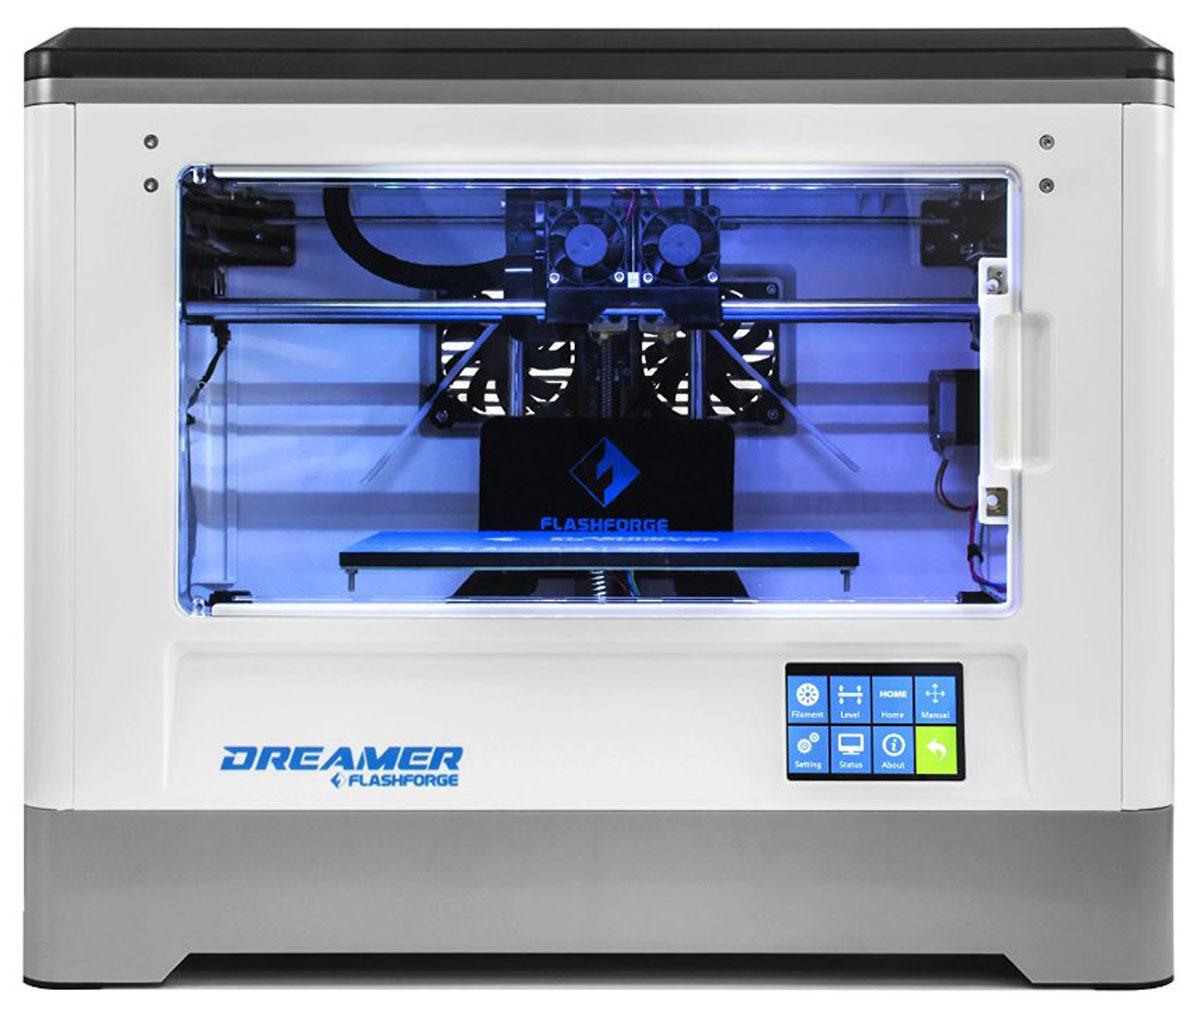 FlashForge Dreamer 3D принтерFlashForge Dreamer3D принтер Flashforge Dreamer - универсальный принтер, как для дома, так и для образования. Полностью закрытий корпус защищает все движущиеся и нагревающиеся элементы, что делает данный принтер полностью безопасным в использовании. Кроме этого, это позволяет сохранять стабильную постоянную температуру внутри принтера, что позволяет работать любыми видами пластиками. Принтер оснащен двух головочным экструдером, что увеличивает ваши возможности при печати, подогреваемой платформой, 3,5 дюймовым LCD дисплеем. Также расширен интерфейс подключения, помимо стандартных USB кабеляи SD карты, принтер может работать посредствам WiFi соединения. Простой и понятный пользовательский интерфейс программного обеспечения, поможет вам успешно нарезать .STL файлы с первого раза использования и печатать их.Данный принтер имеет сертификаты безопасности в Европе и Соединенных Штатах.ARM Contex-M4 процессор CPUОбласть построения: 230 x 150 x 150 ммДиаметр нити: 1,75 ммДиаметр сопла: 0,4 ммКоличество печатающих головок: 2Скорость печати: 30 - 200 мм/сек